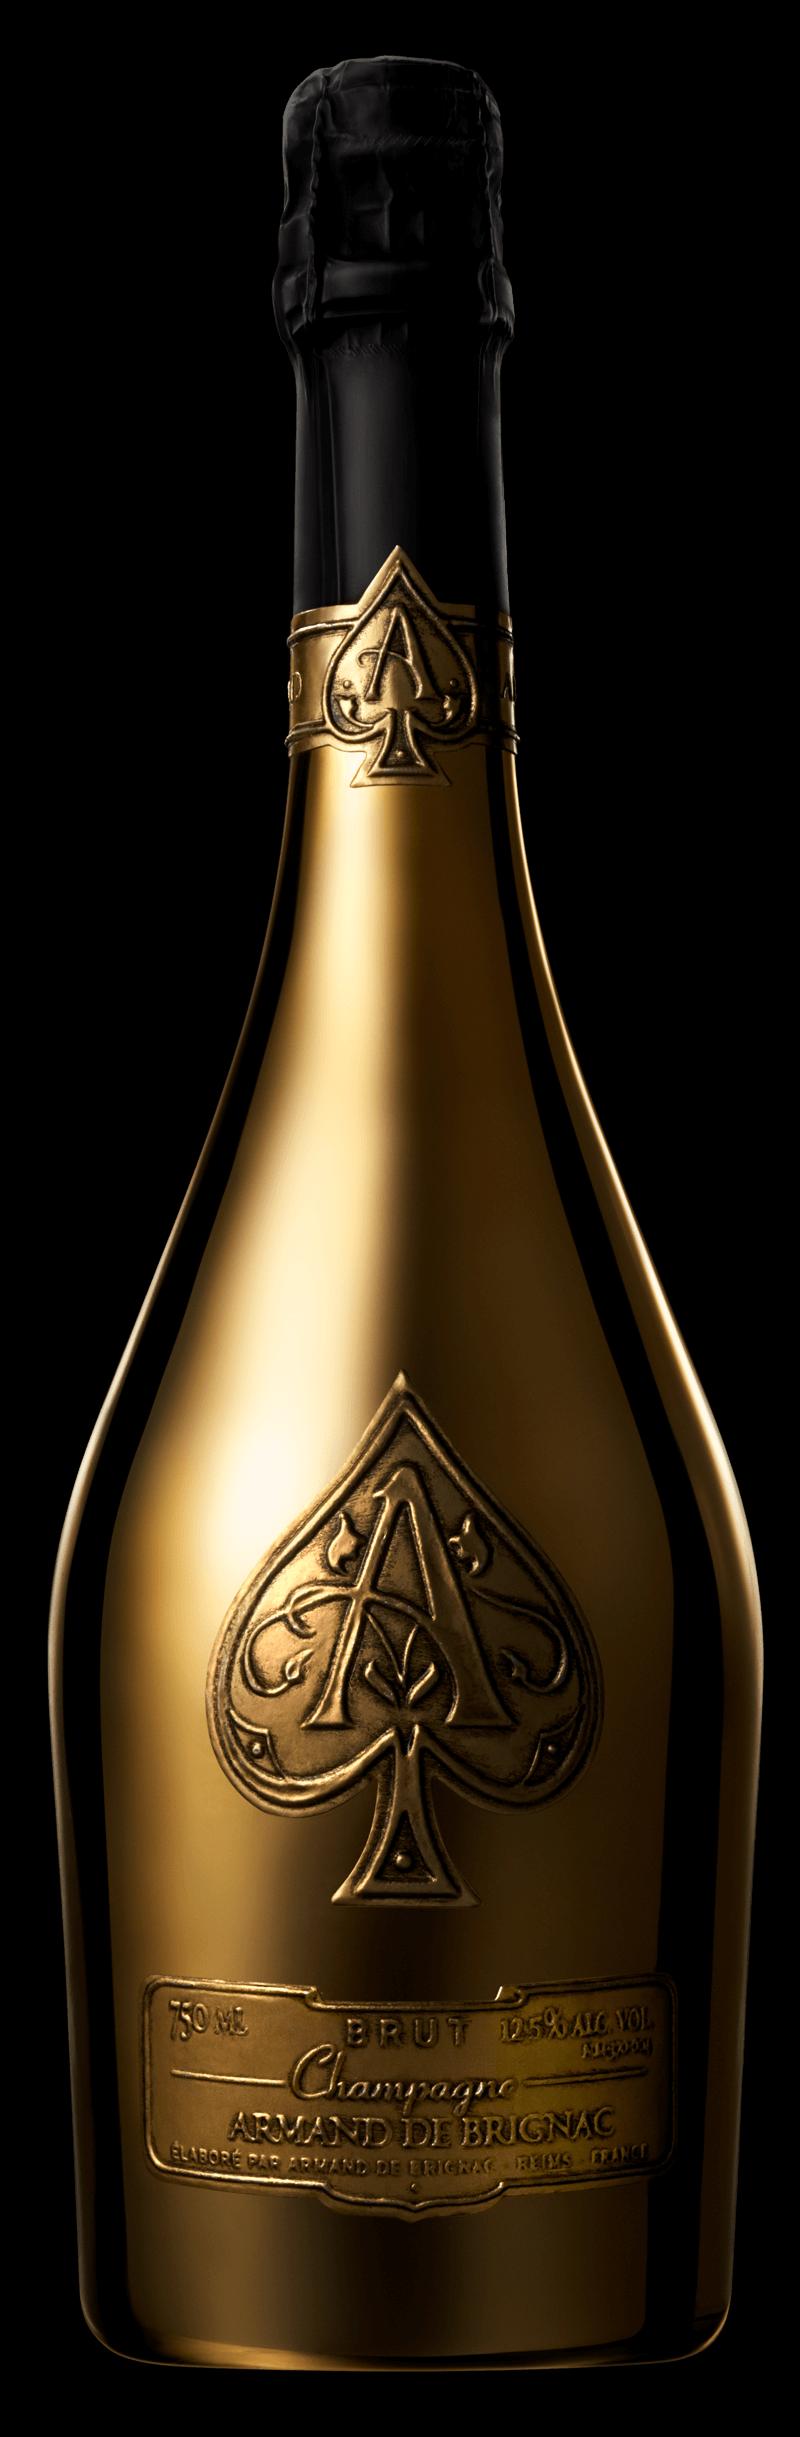 Brut Gold - Armand de Brignac Champagne